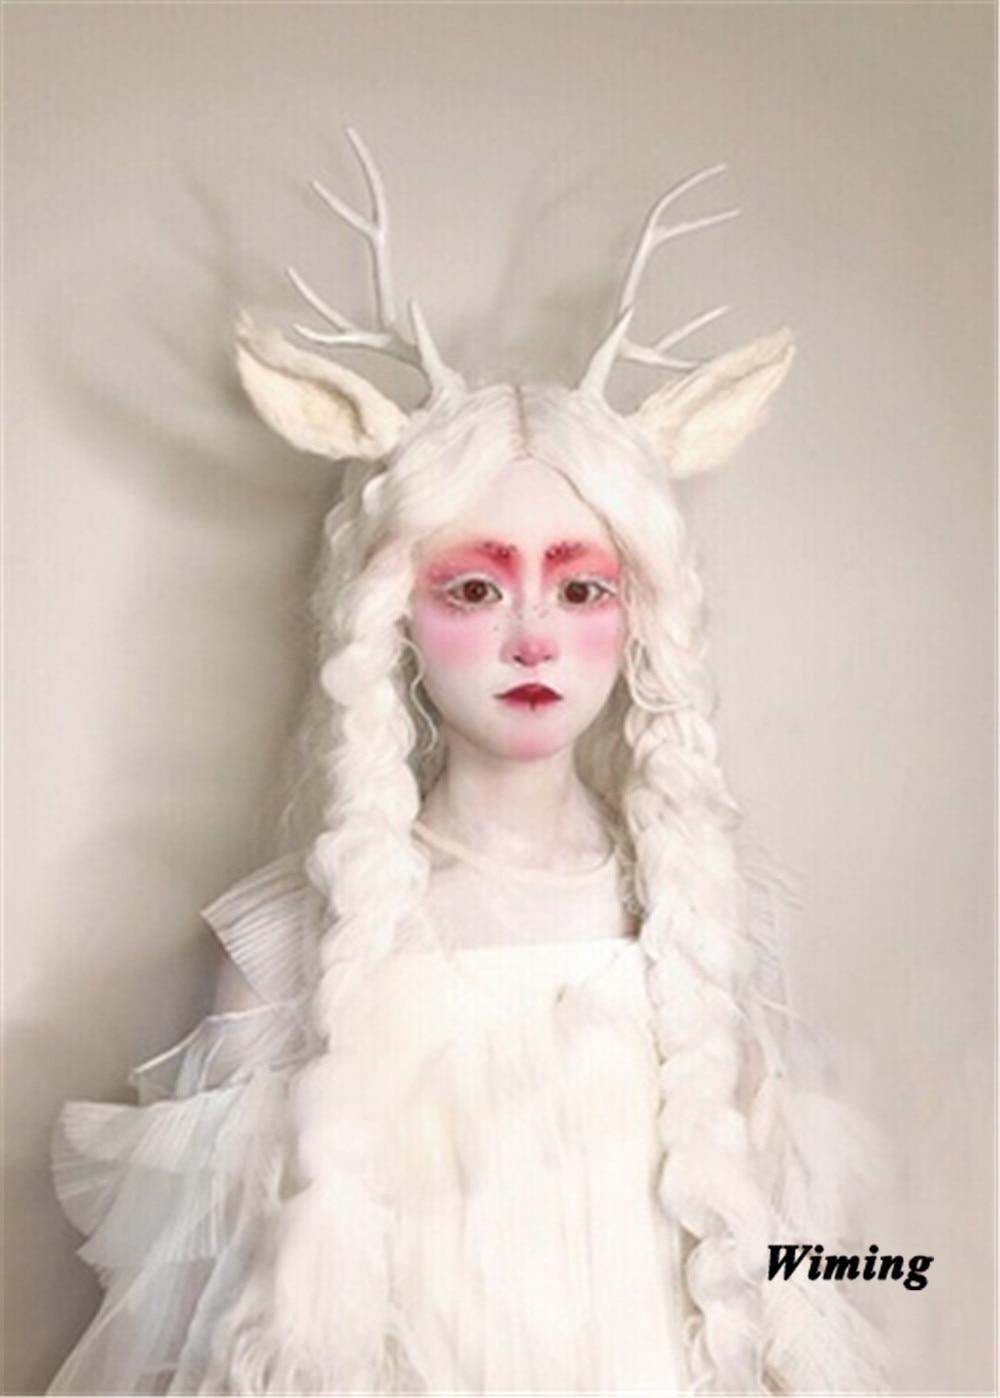 Cute Reindeer Antlers Headband Christmas Girls Kid Deer Costume Ear Hairband